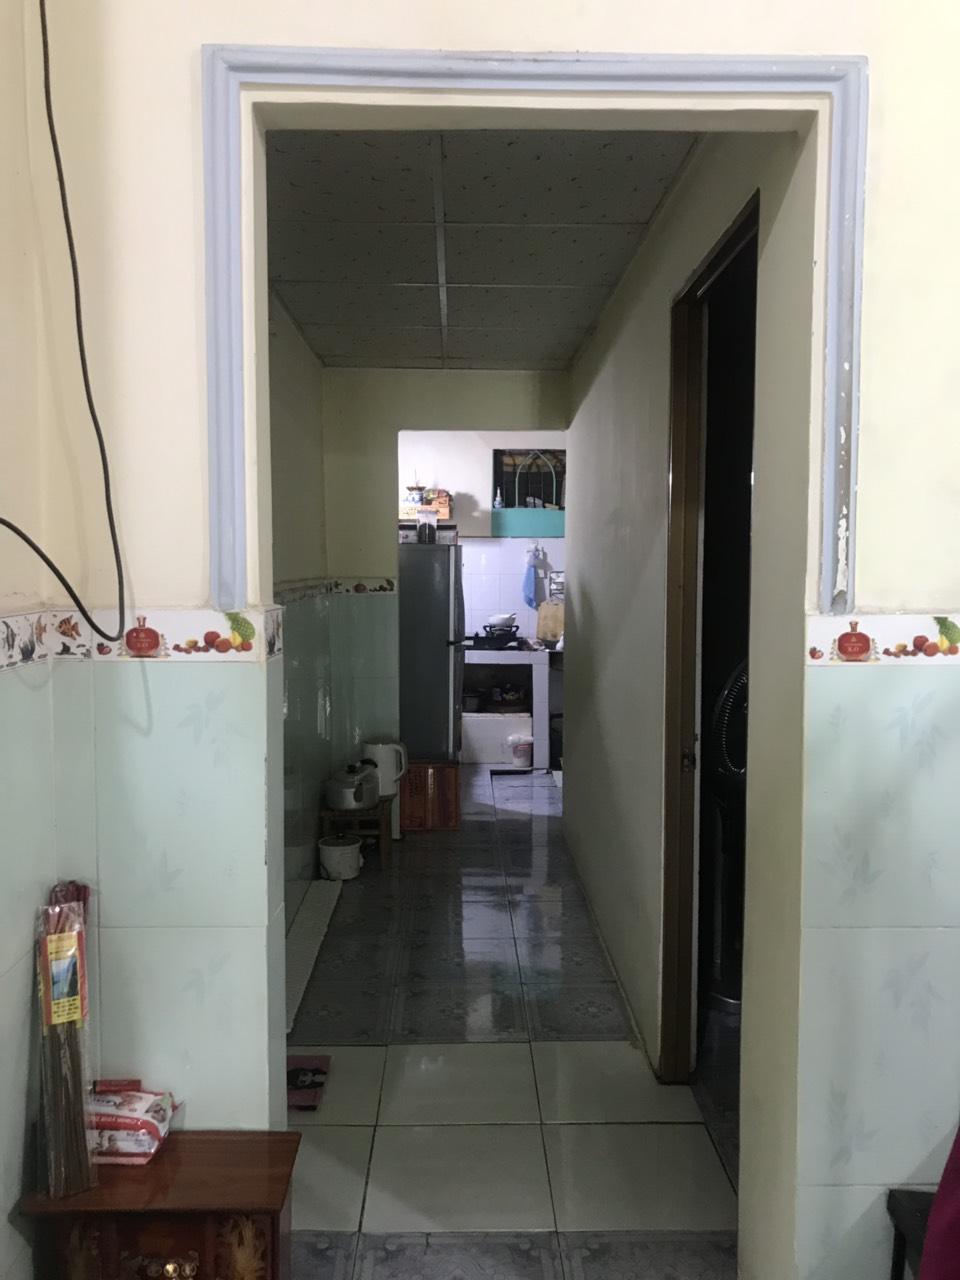 Bán nhà Dĩ An chính chủ gần chợ Đoàn thị Kia phường Tân Đông Hiệp thị xã Dĩ An